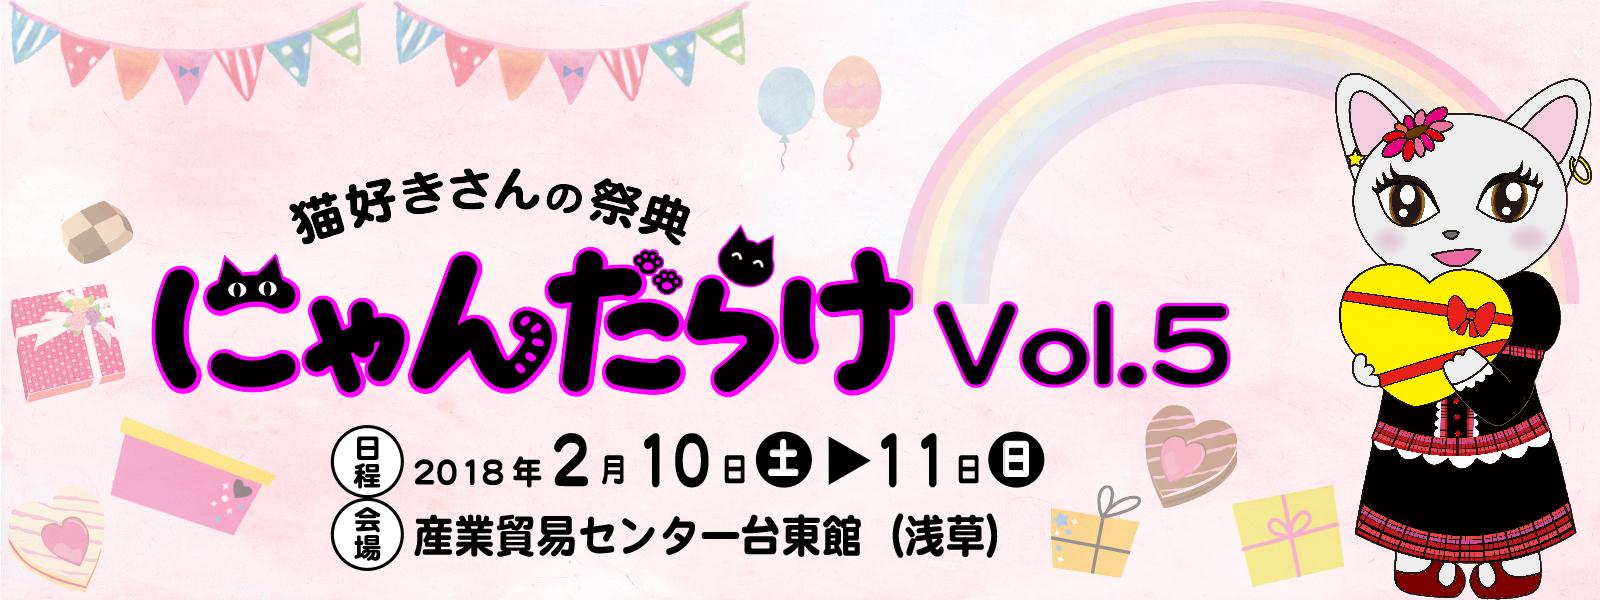 にゃんだらけVol.5